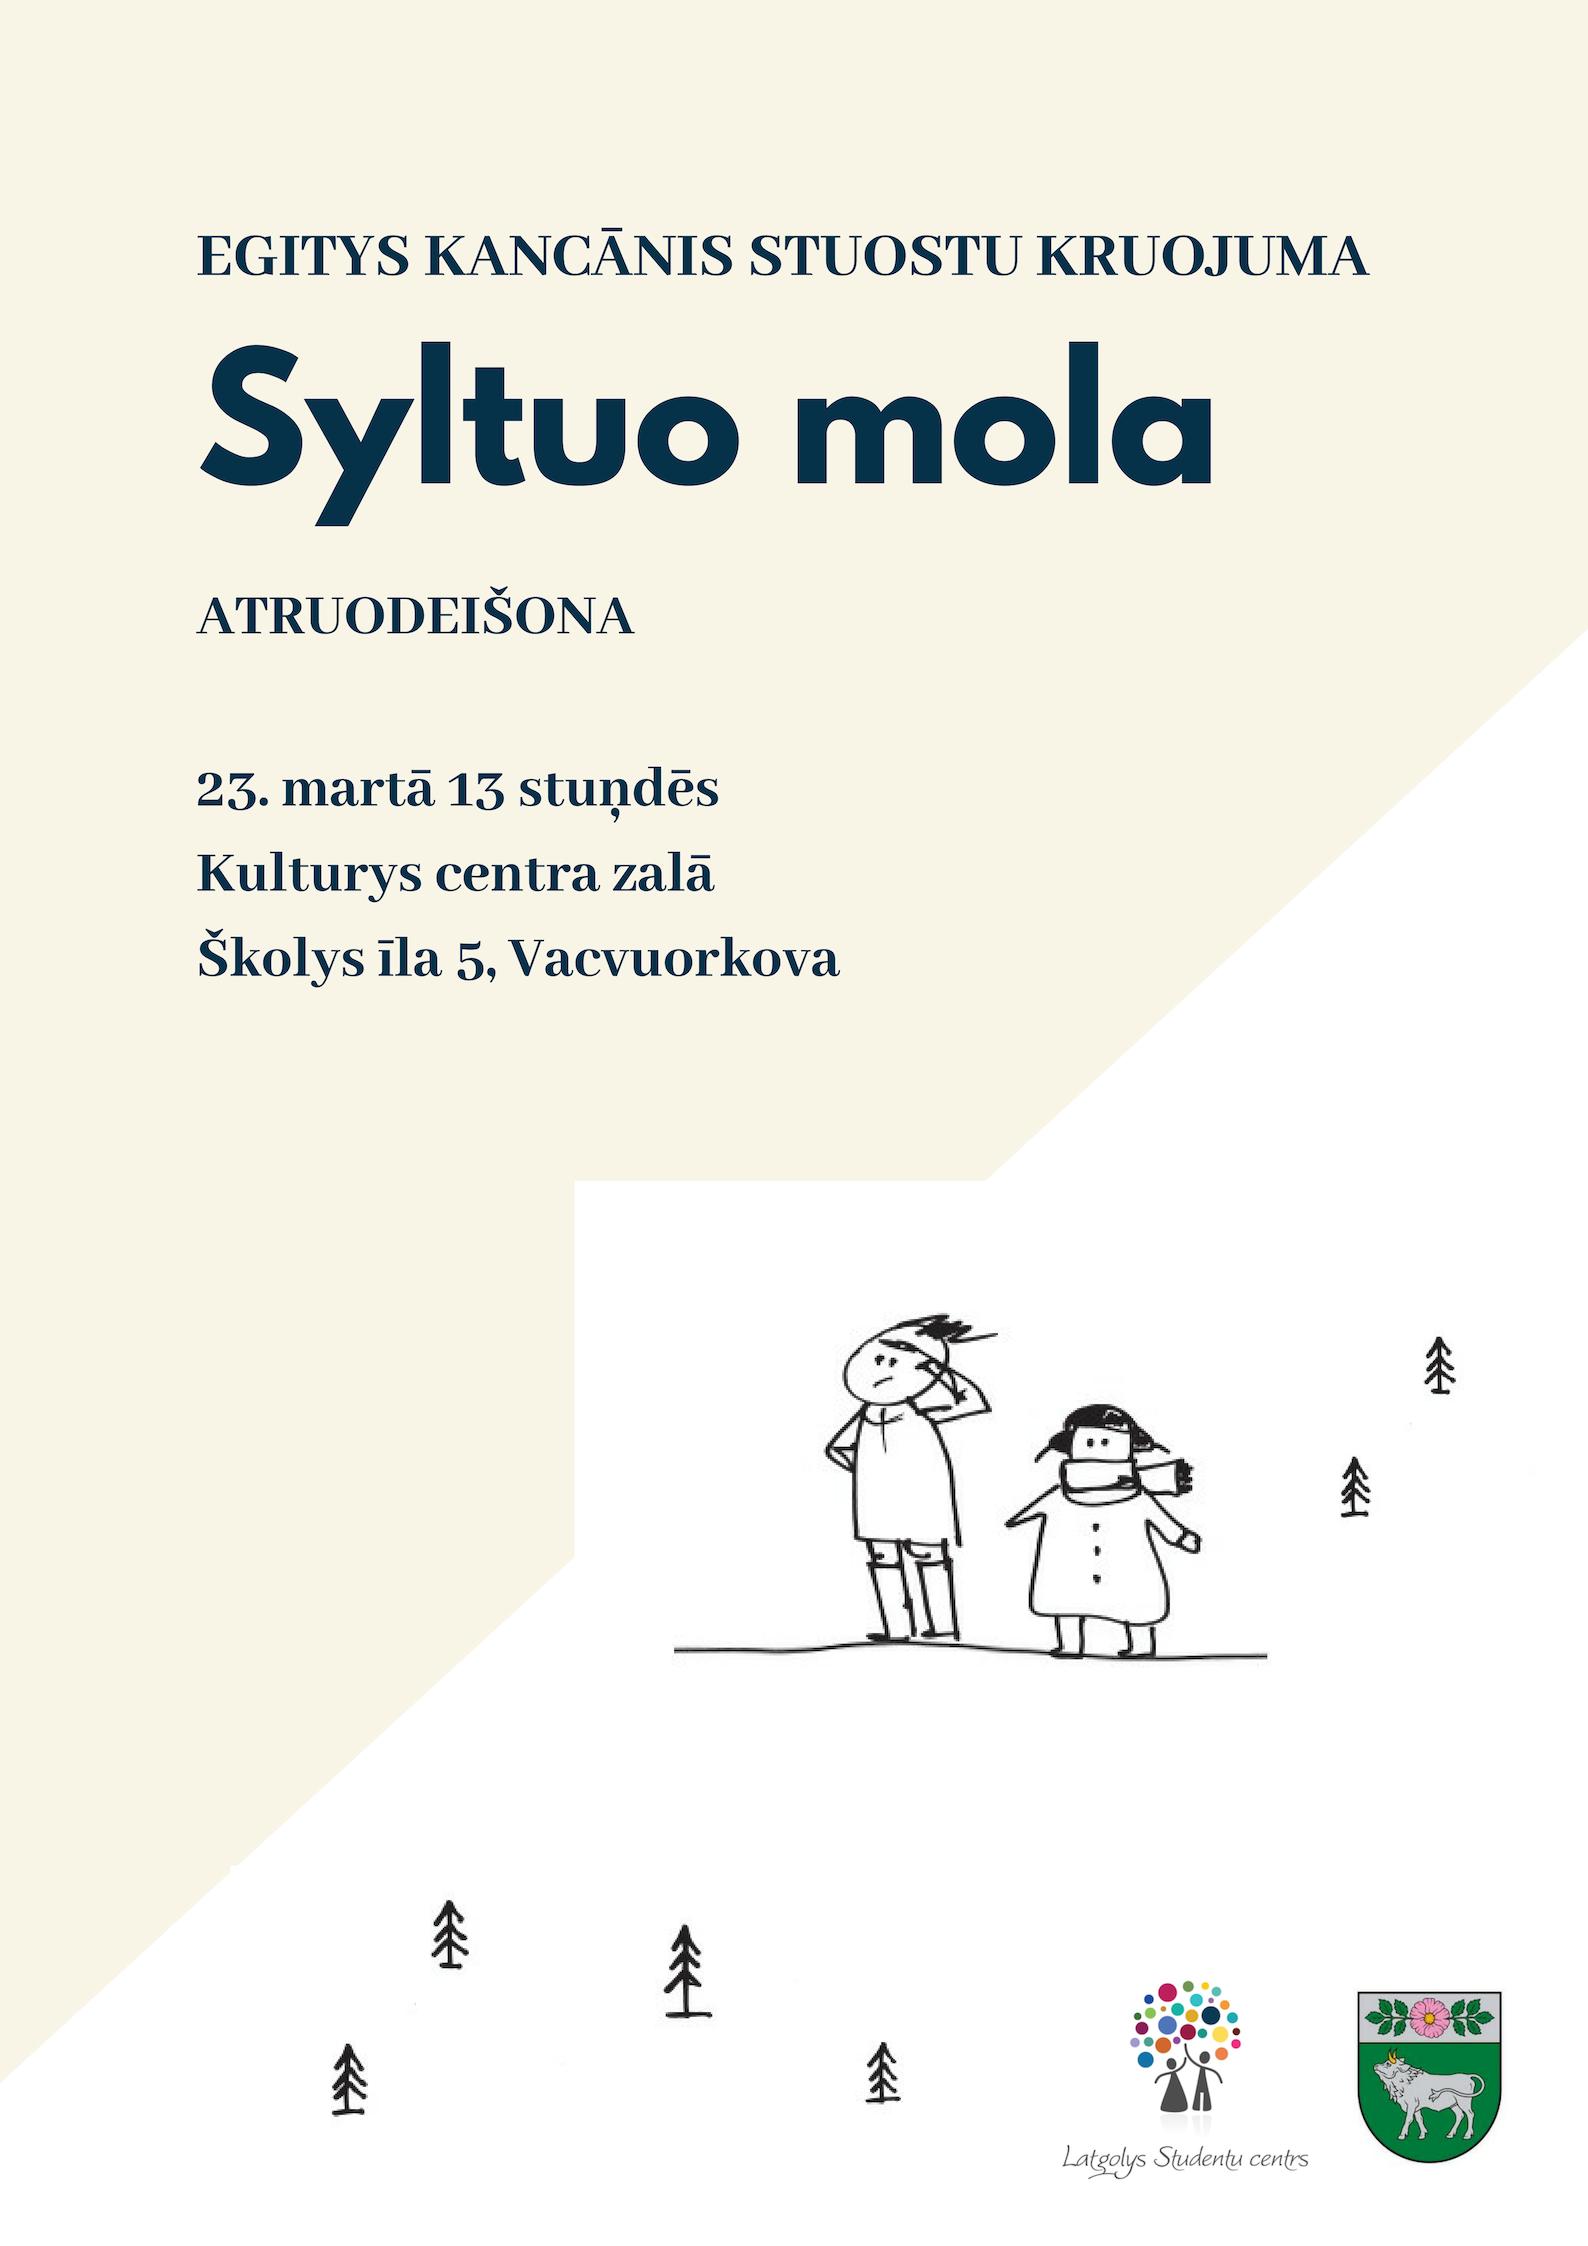 """E. Kancānis gruomotys """"Syltuo mola"""" prezentaceja @ Kulturys centra zalā"""